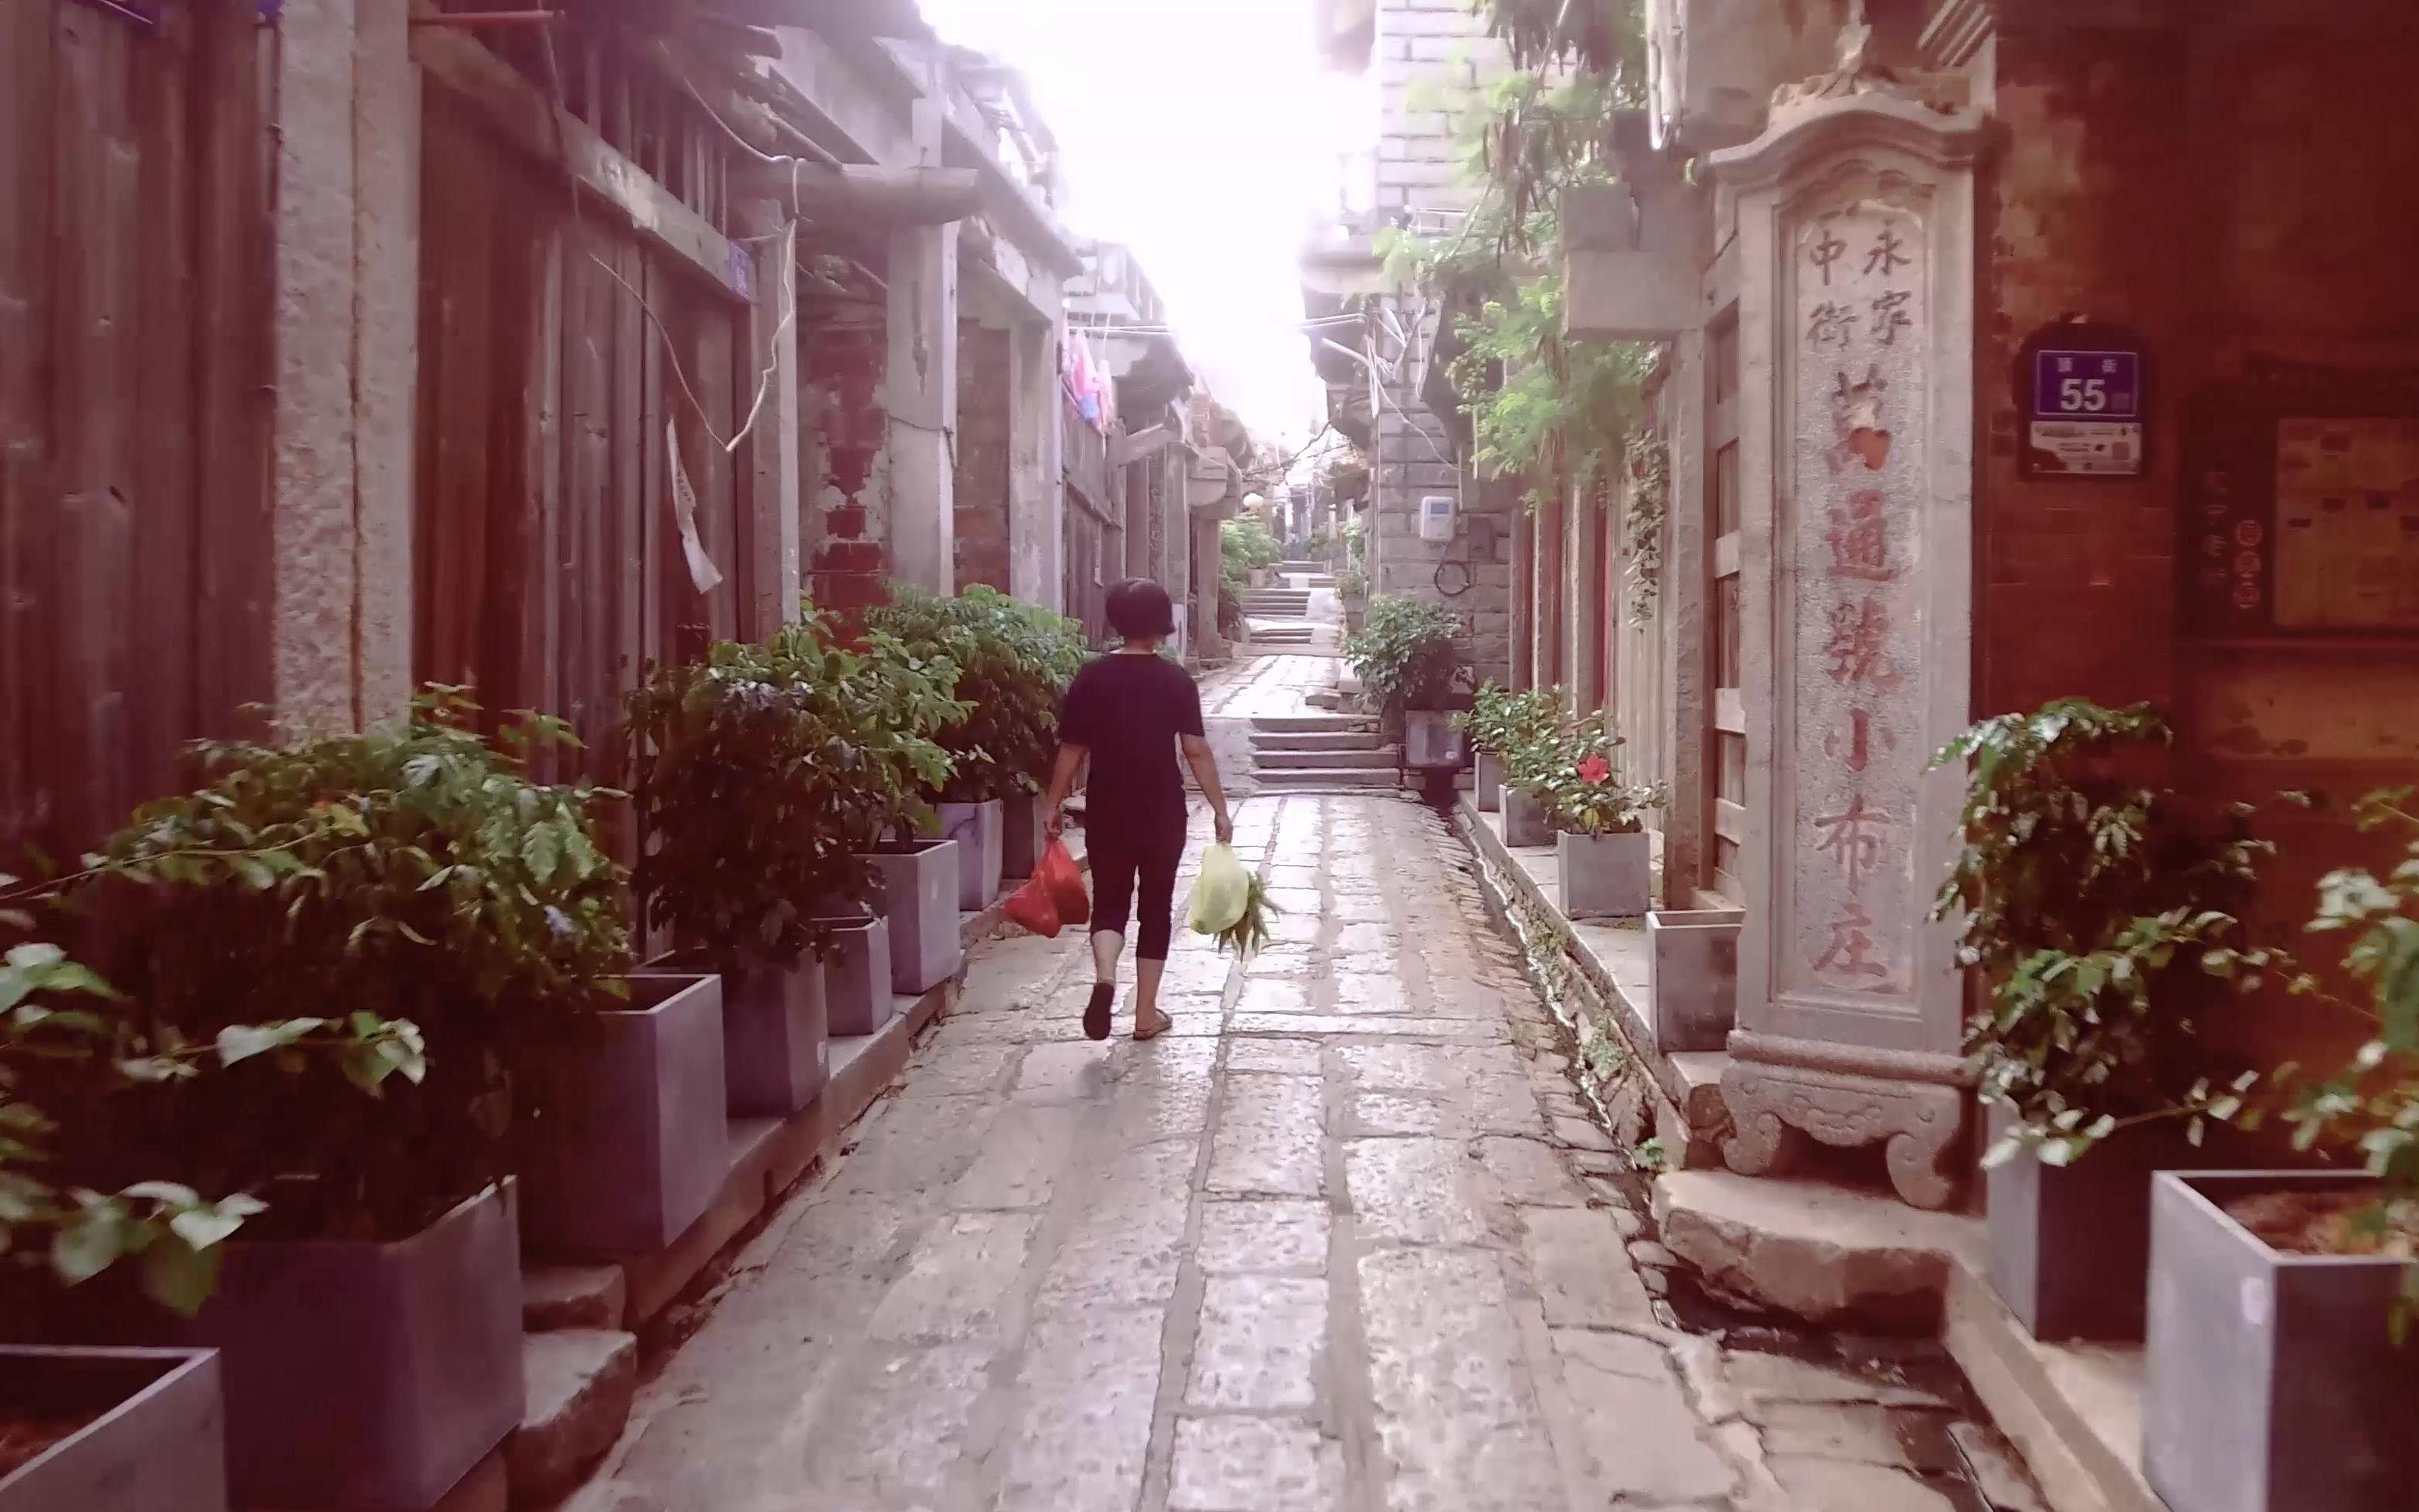 中国永宁泉州福建历史文化美食】石狮石狮达州名街特色老街图片